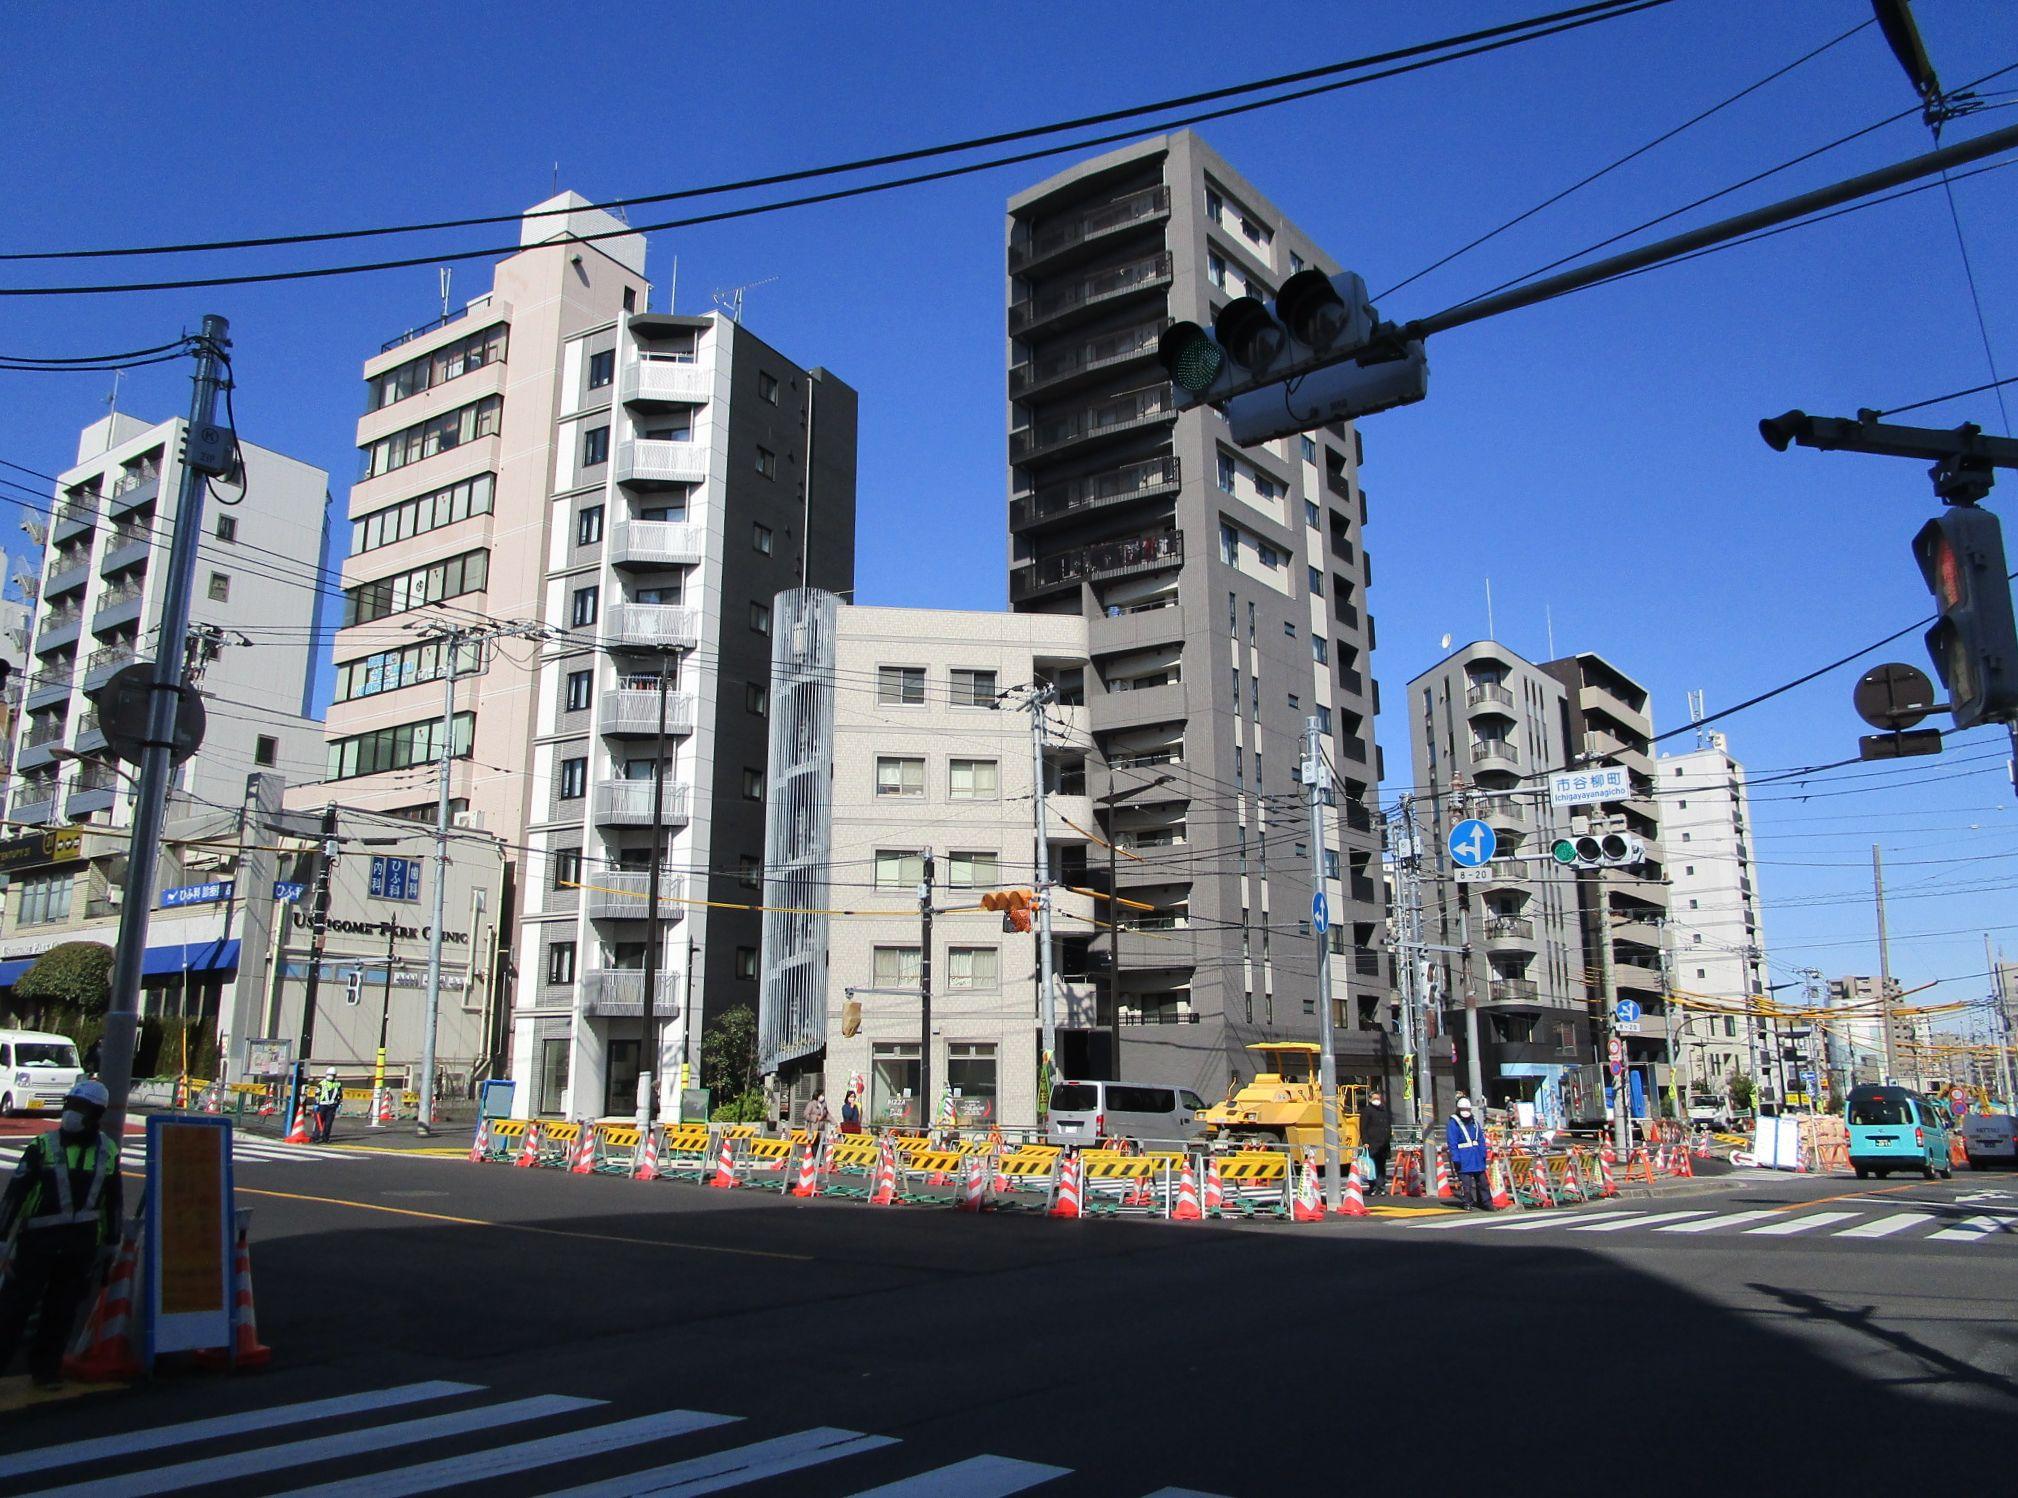 大江戸線 牛込柳町駅駅前(周辺)